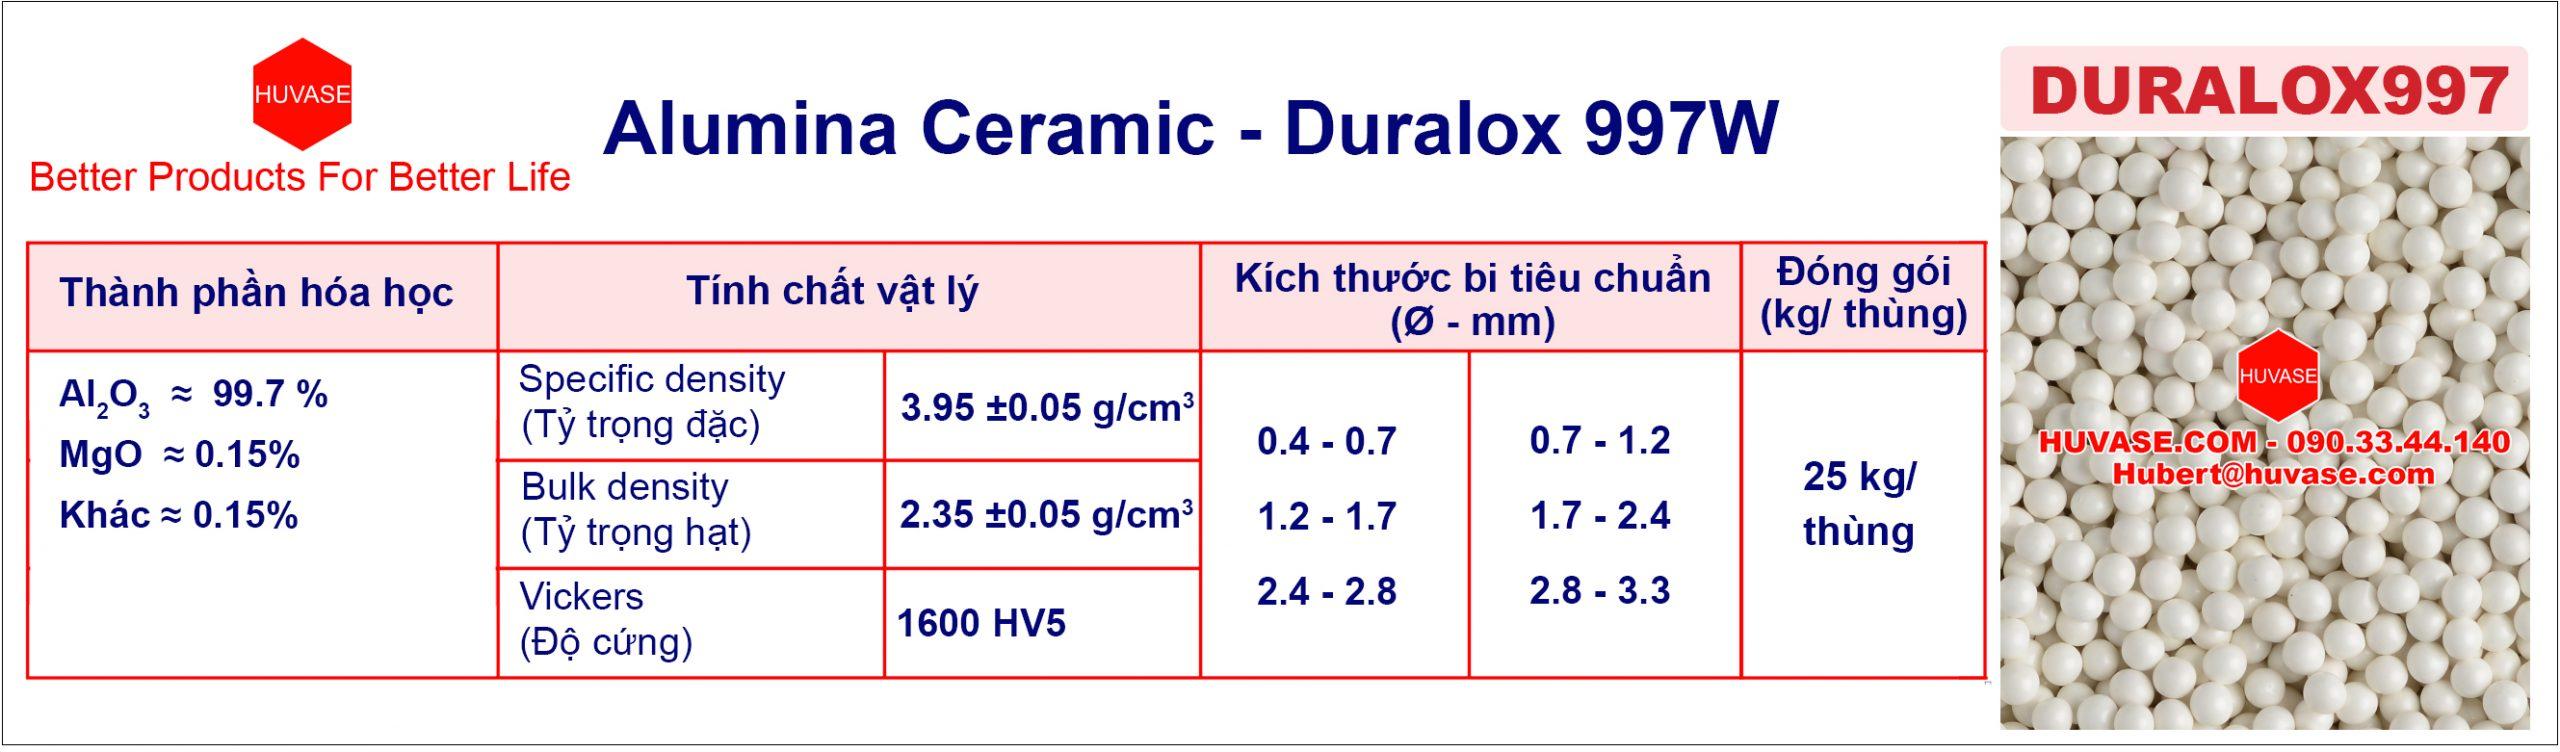 Thông số kỹ thuật bi nghiền Alumina – Duralox 997W